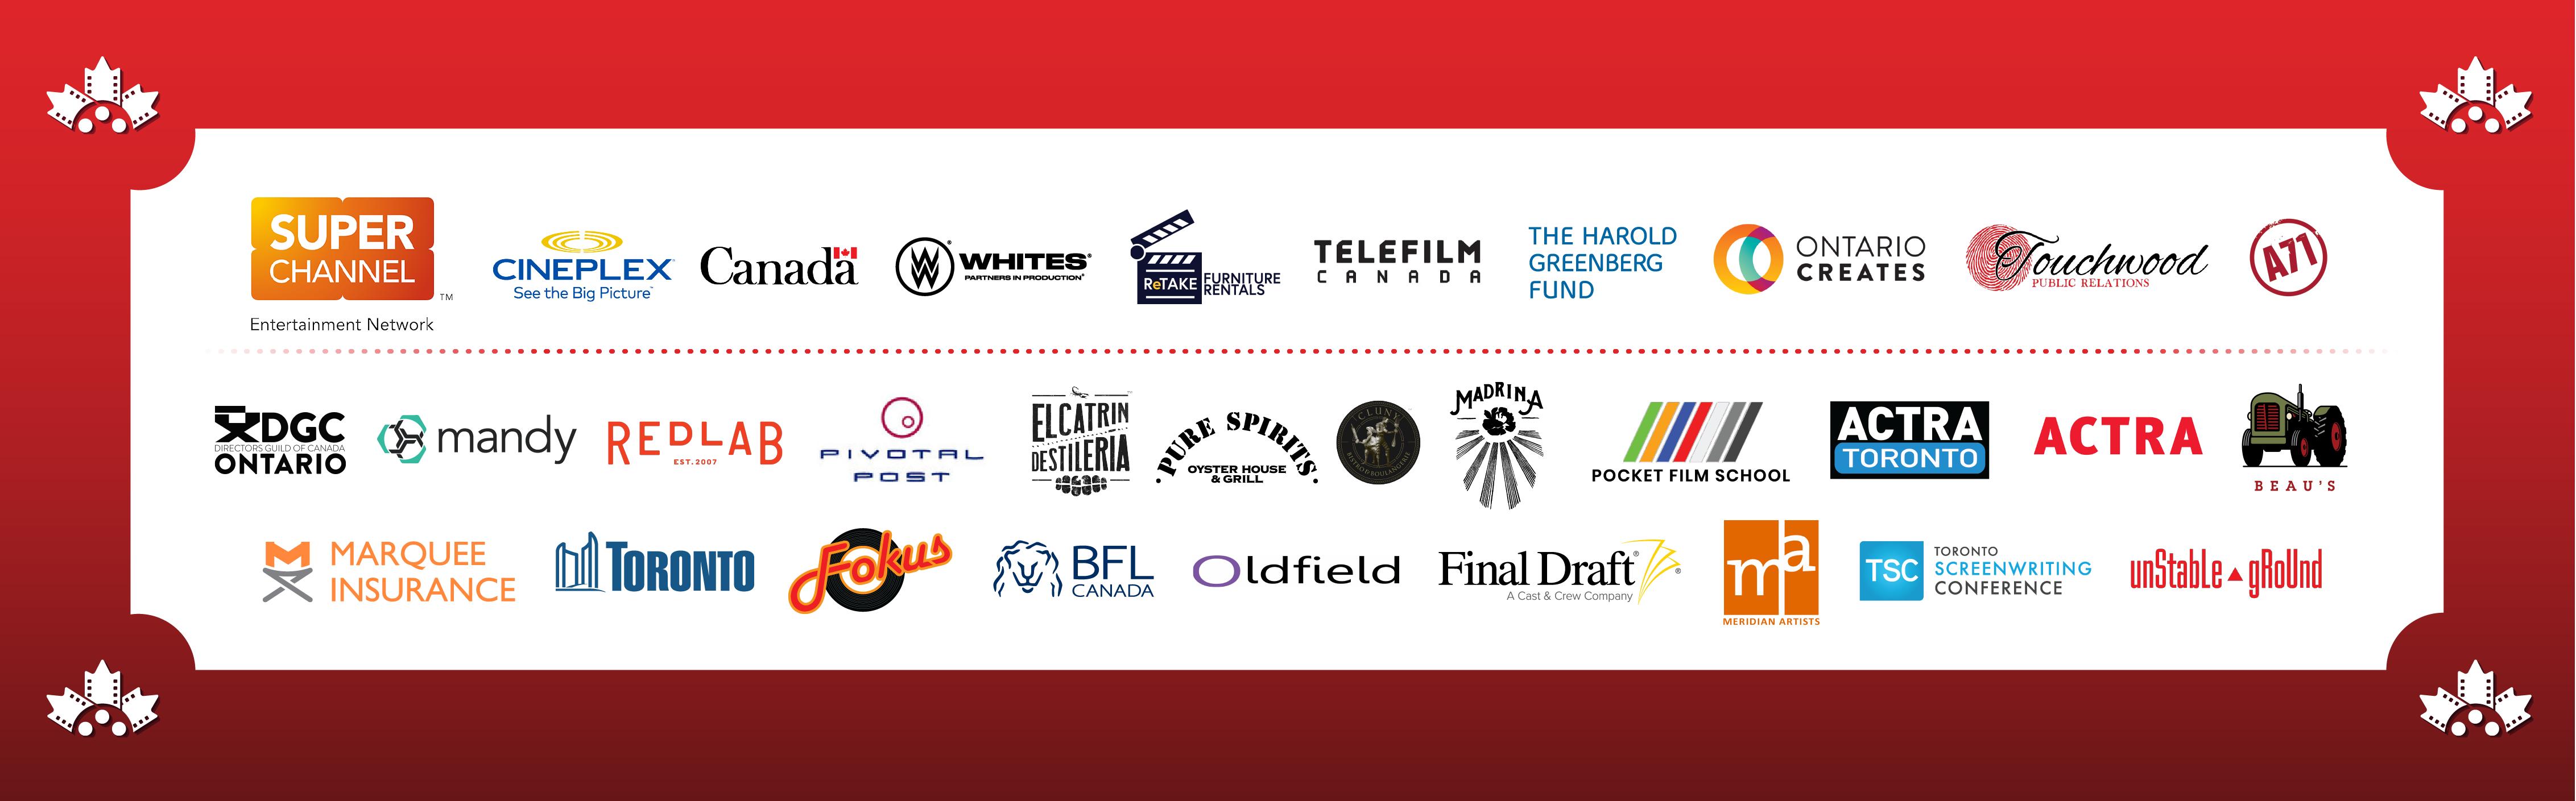 Canadian Film Festival Sponsors